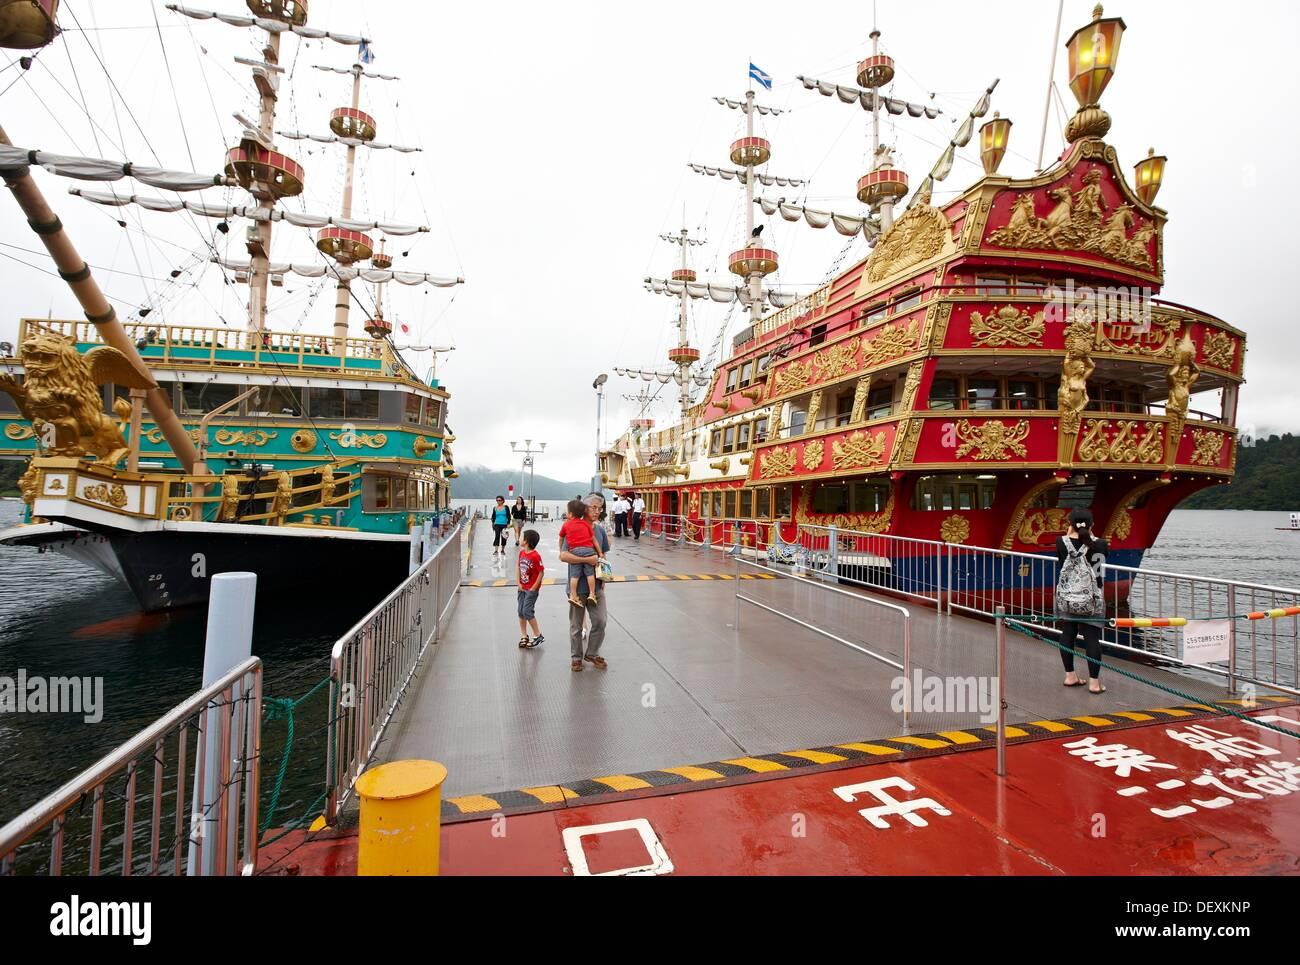 Hakone Sightseeing Cruise, Lake Ashi, Moto Hakone, Kanagawa, Japan. - Stock Image